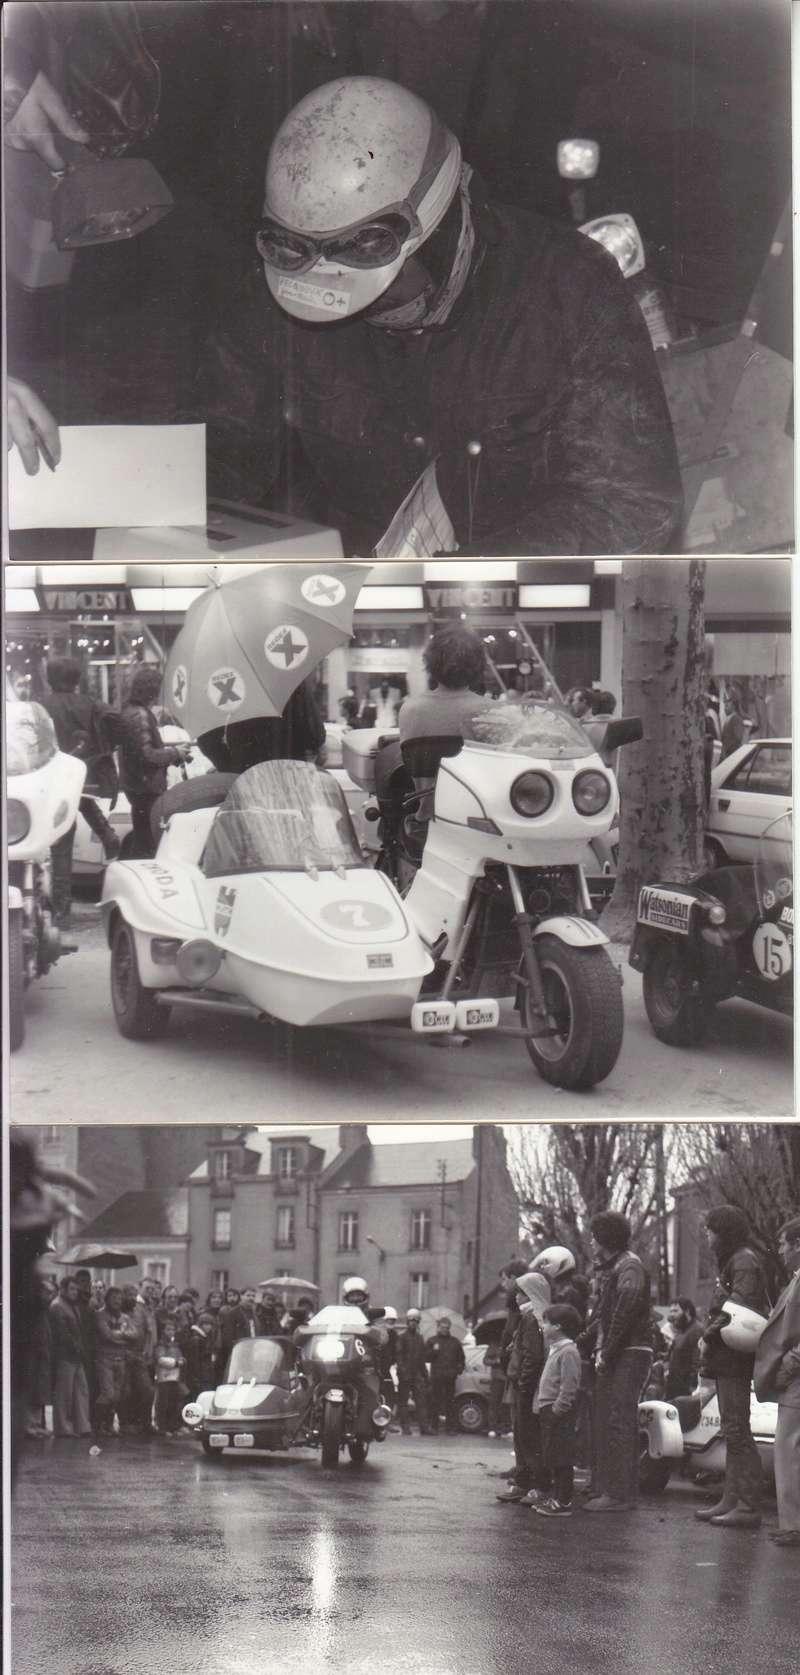 [Oldies] 1980 à 1988: Le Tour de France side-car, par Joël Enndewell  - Page 17 Sans_t80